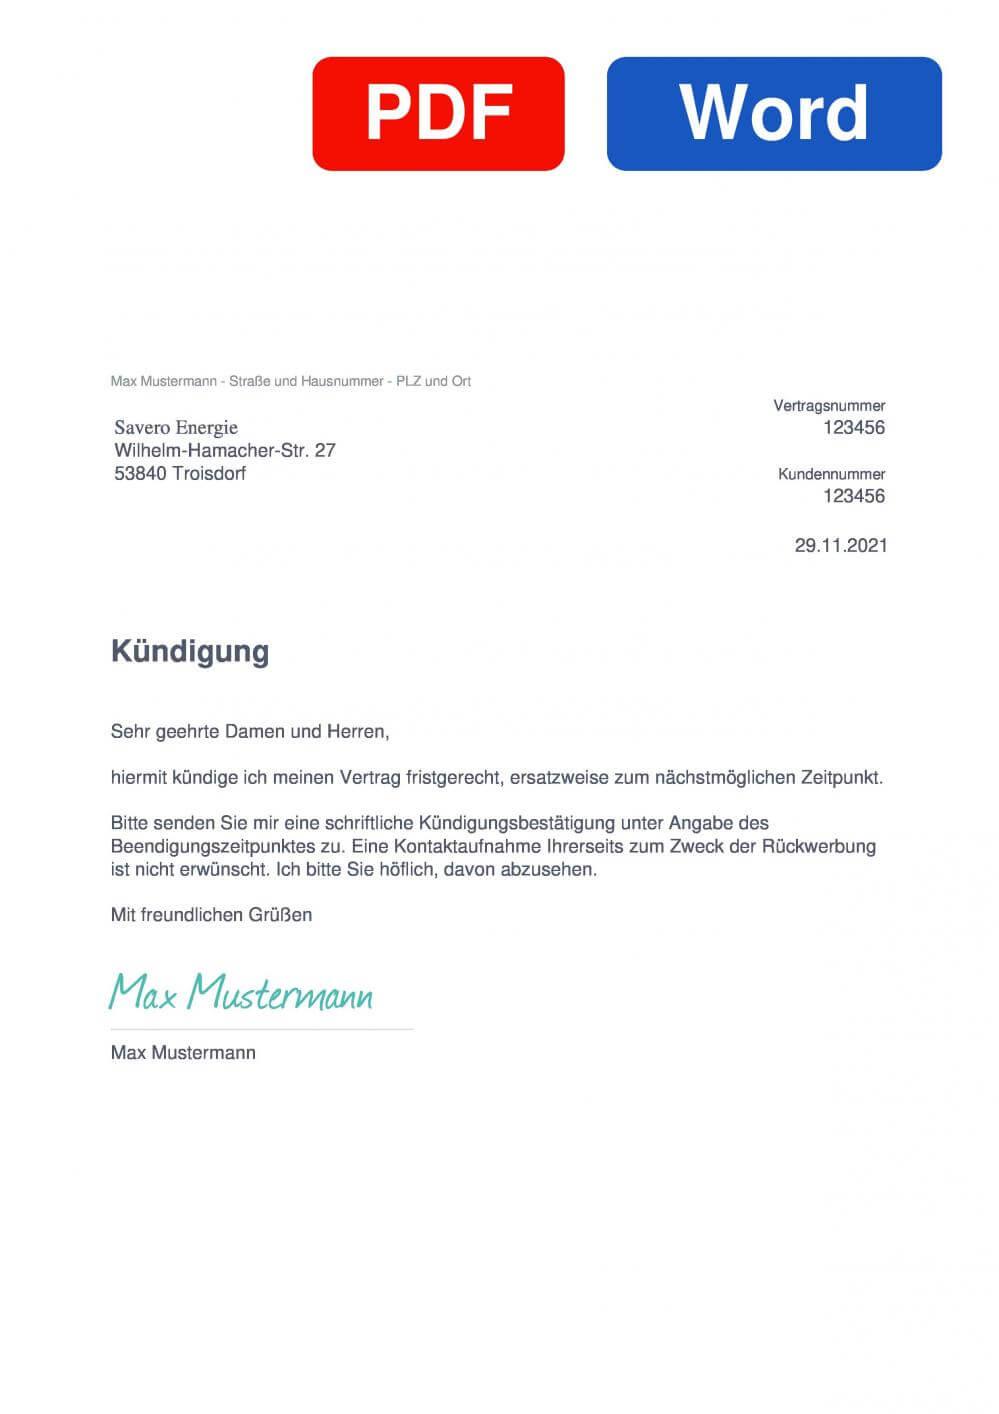 Savero Muster Vorlage für Kündigungsschreiben